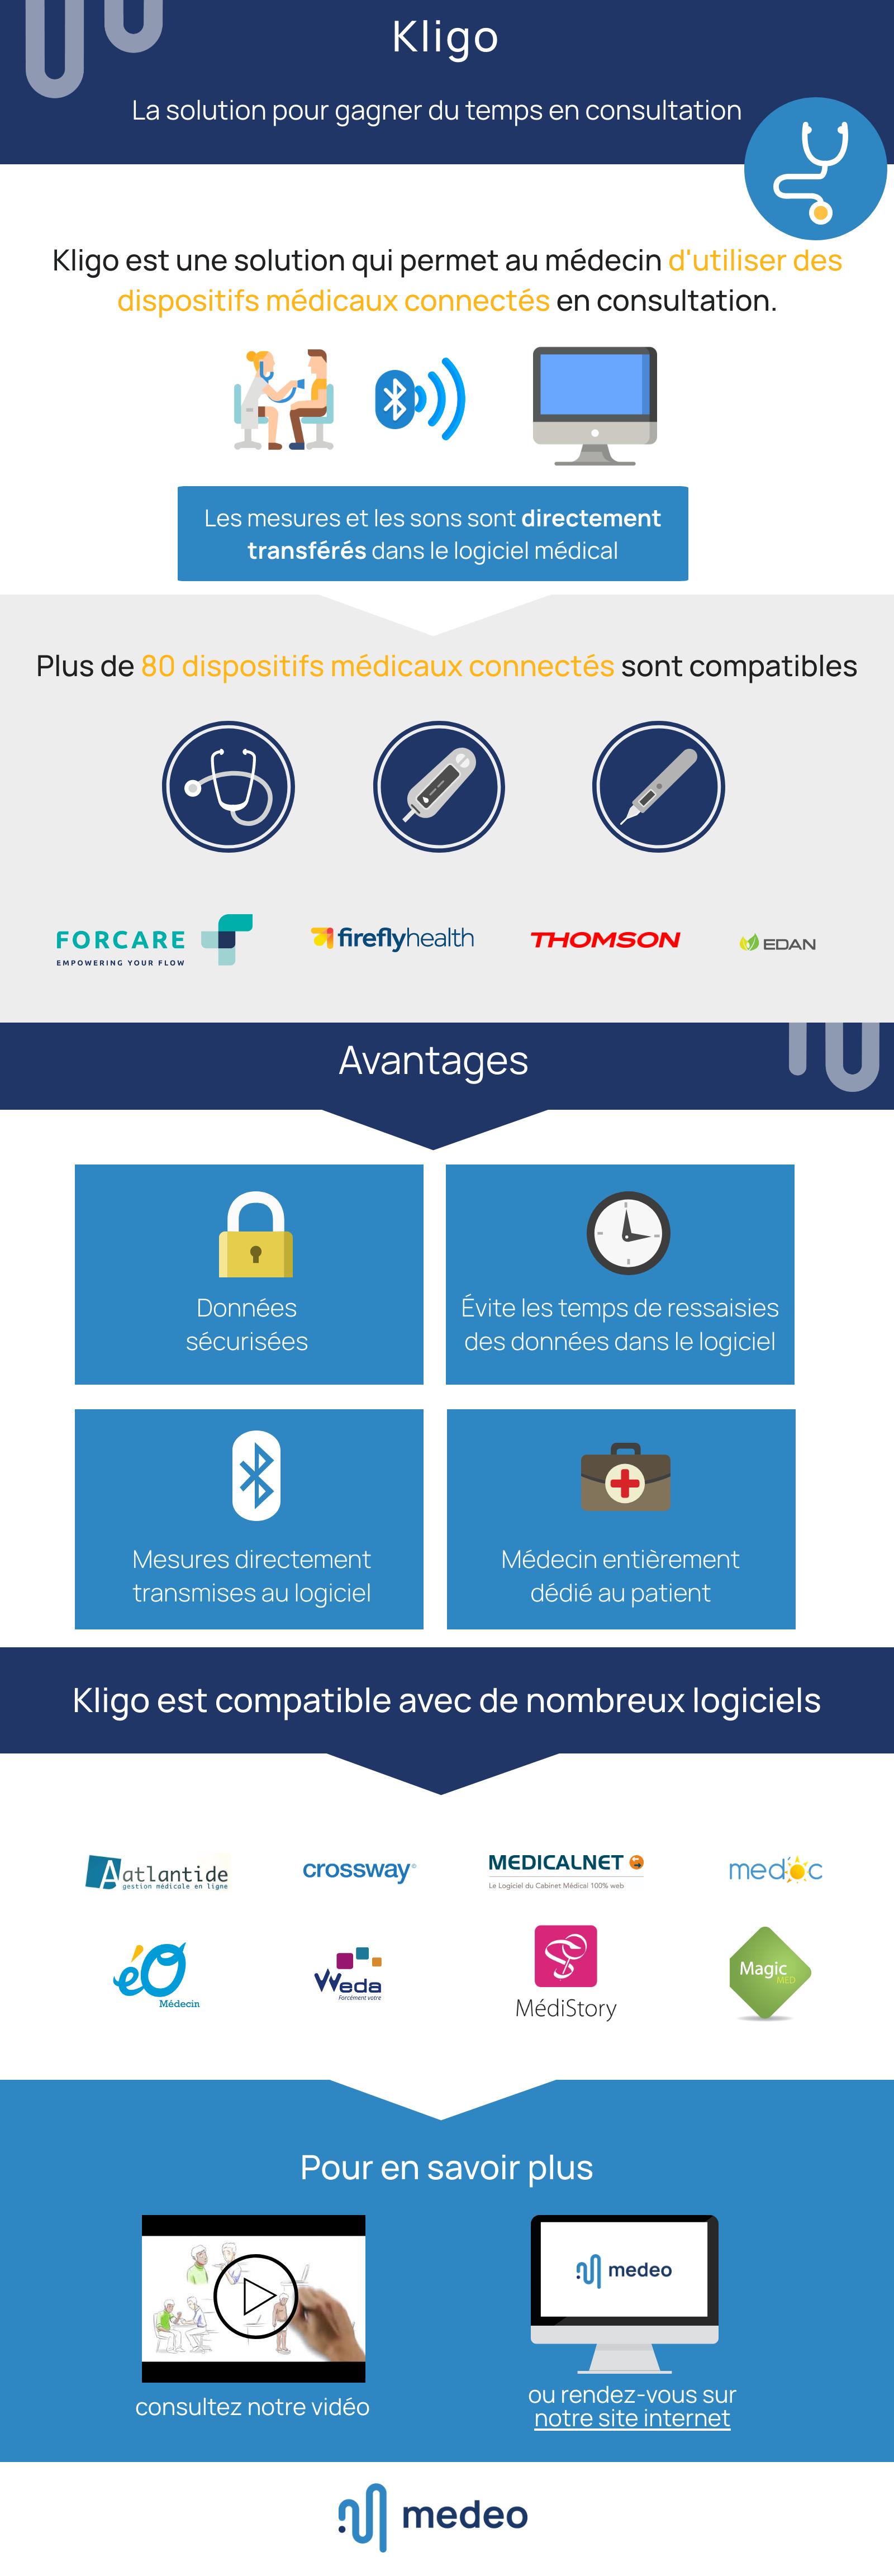 Infographie : Kligo, la solution pour gagner du temps